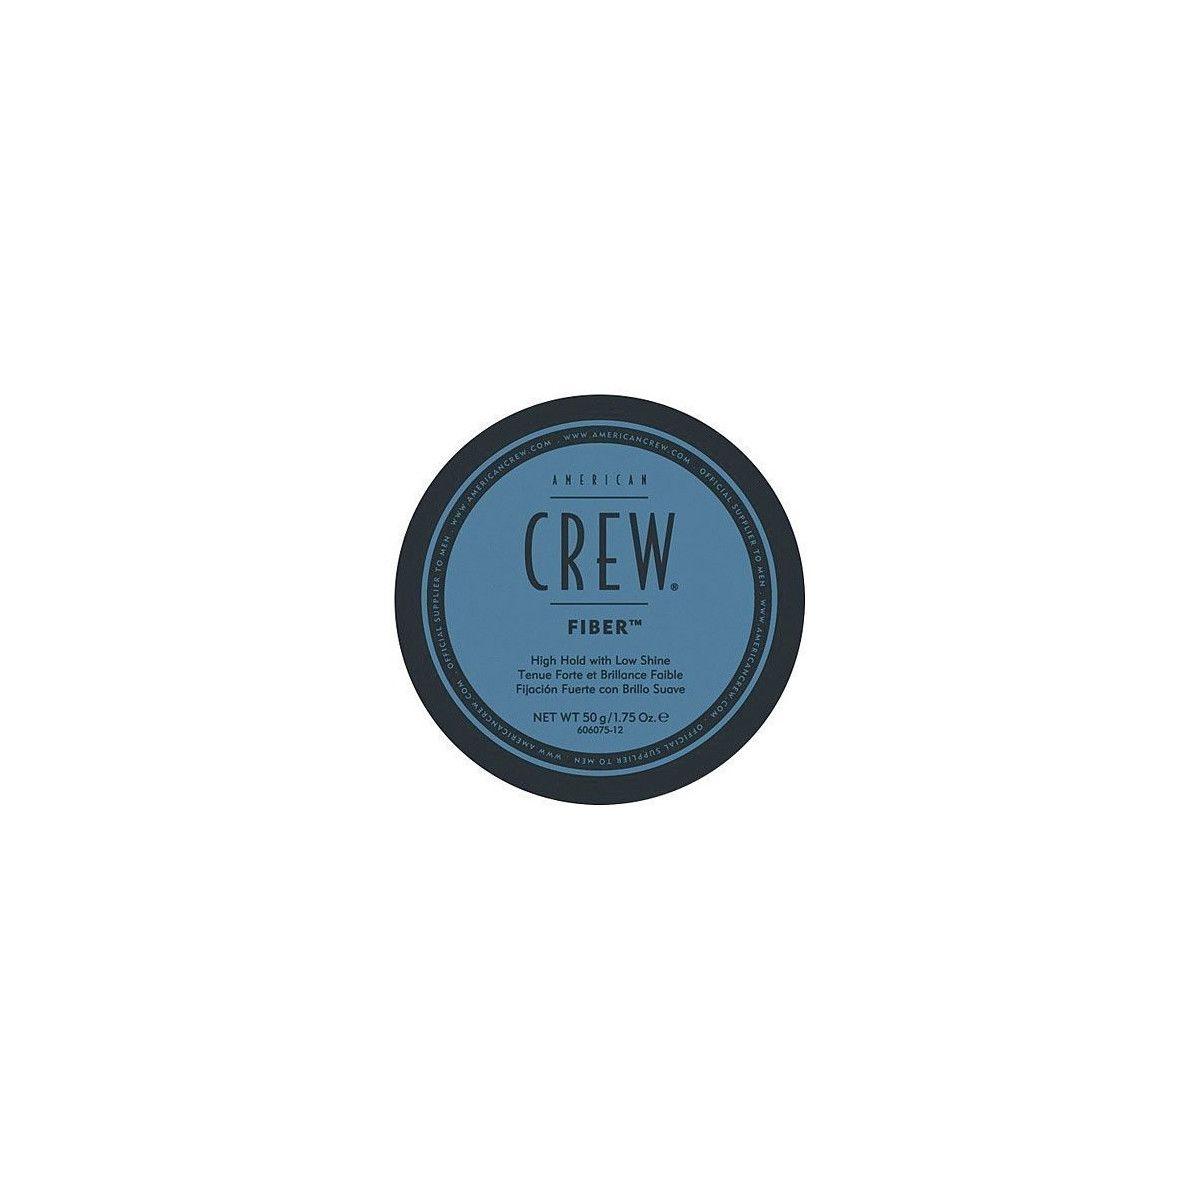 American Crew Fiber, mocna o niskim połysku pasta do modelowania włosów 50g